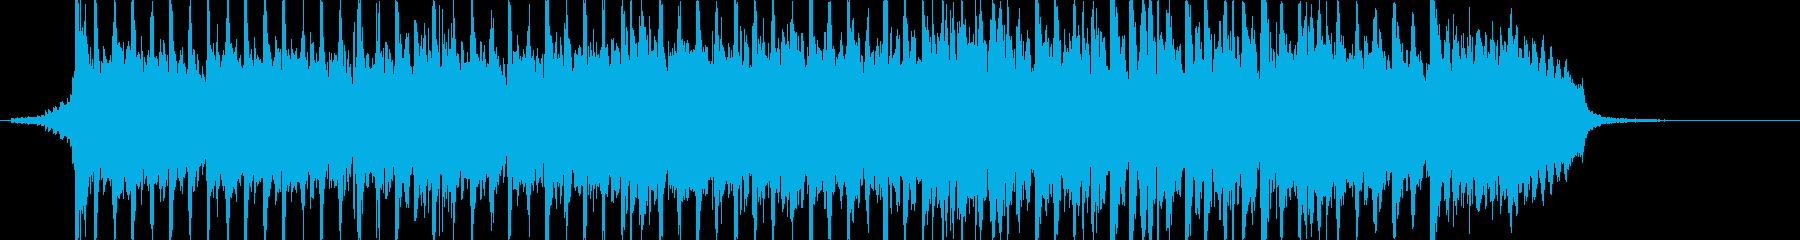 なんかダサいけど勢いはあるアニメ曲の再生済みの波形